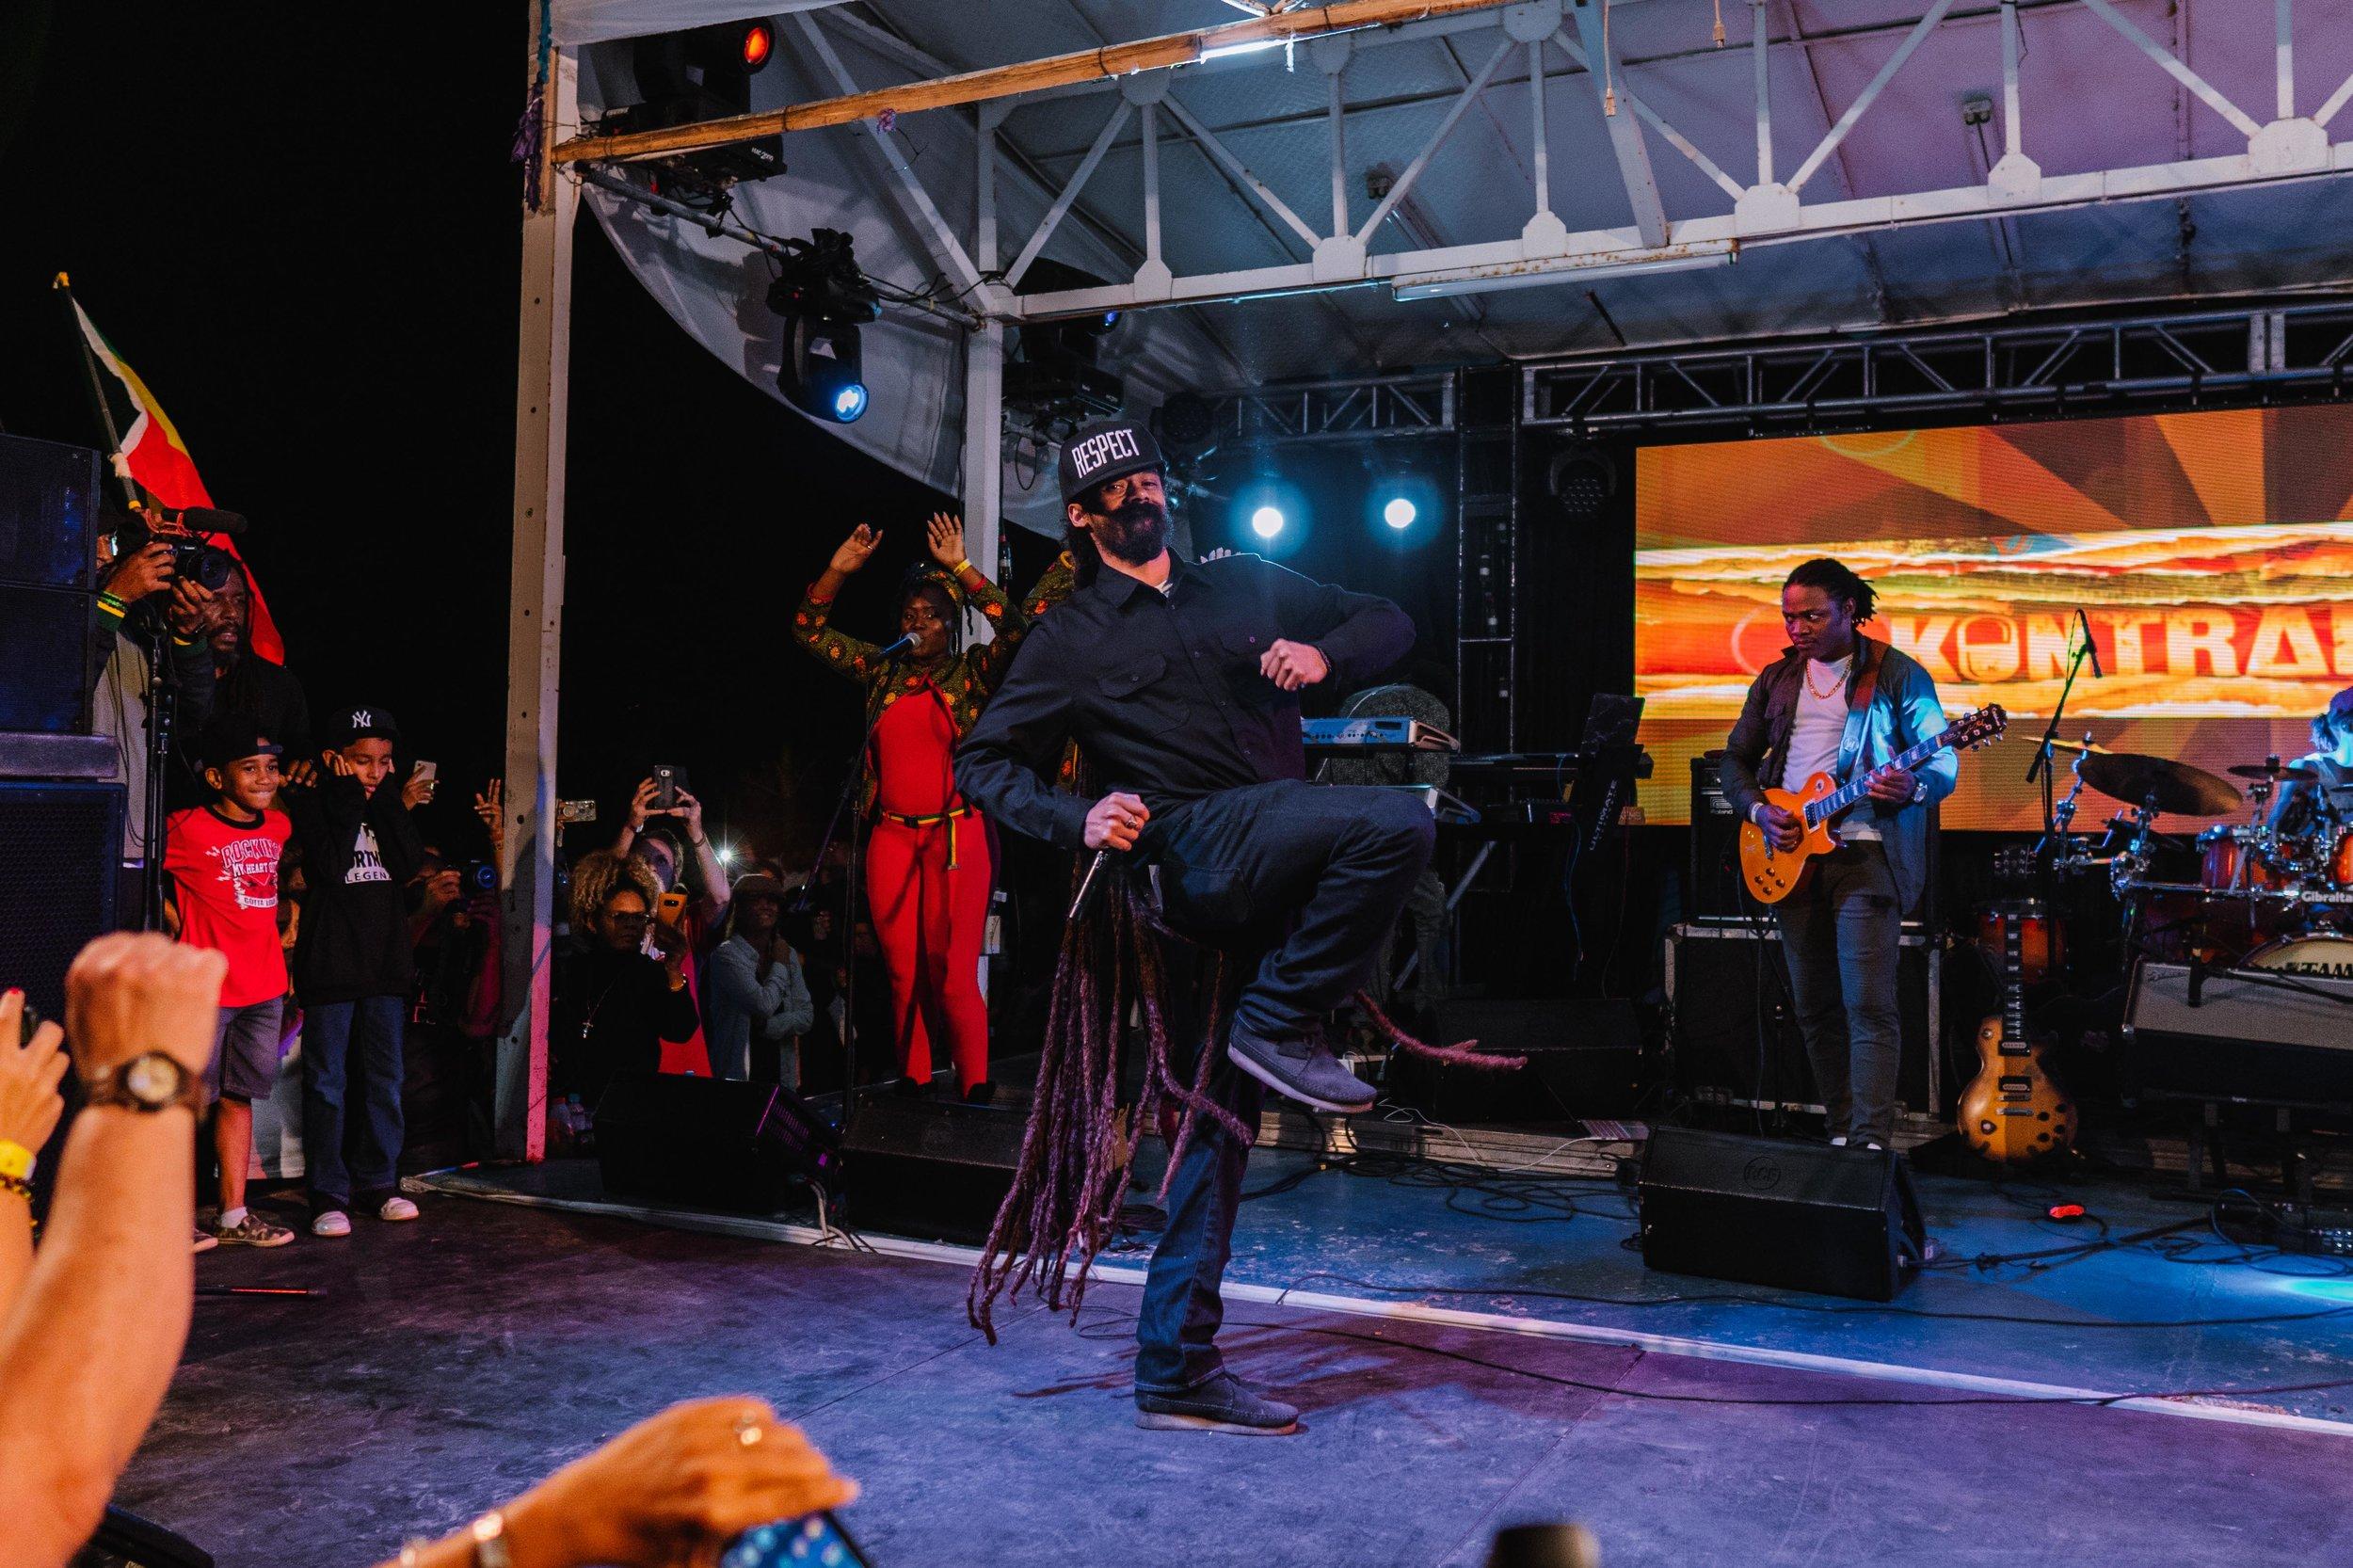 Kabaka pyramid live 2018-08563.jpg